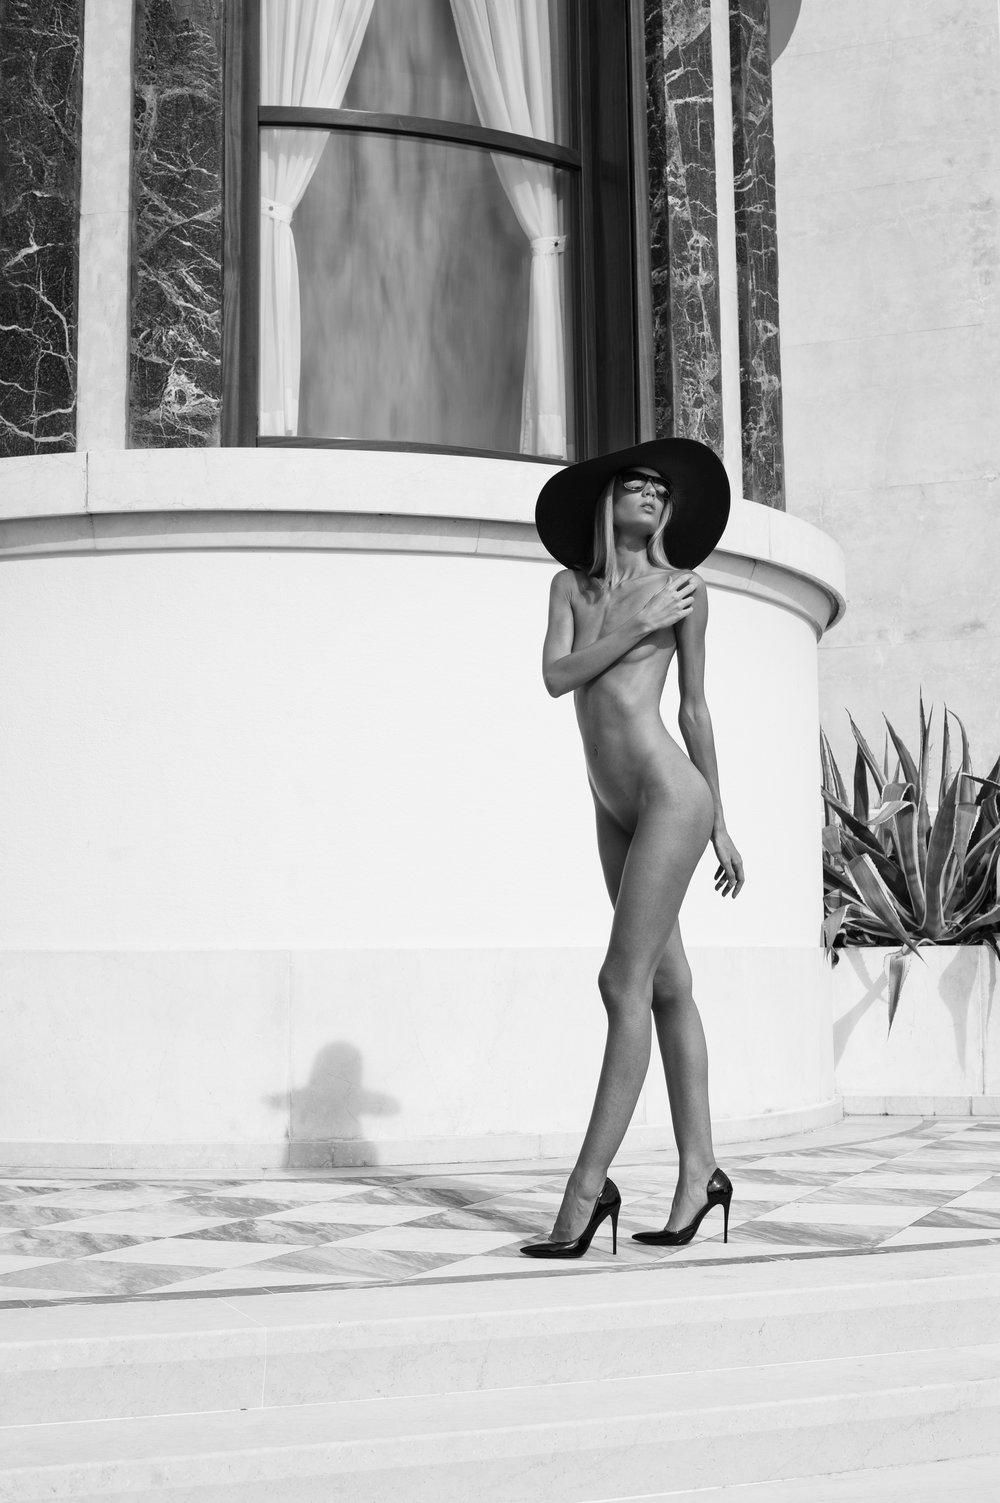 Photographer: Alan Pasotti